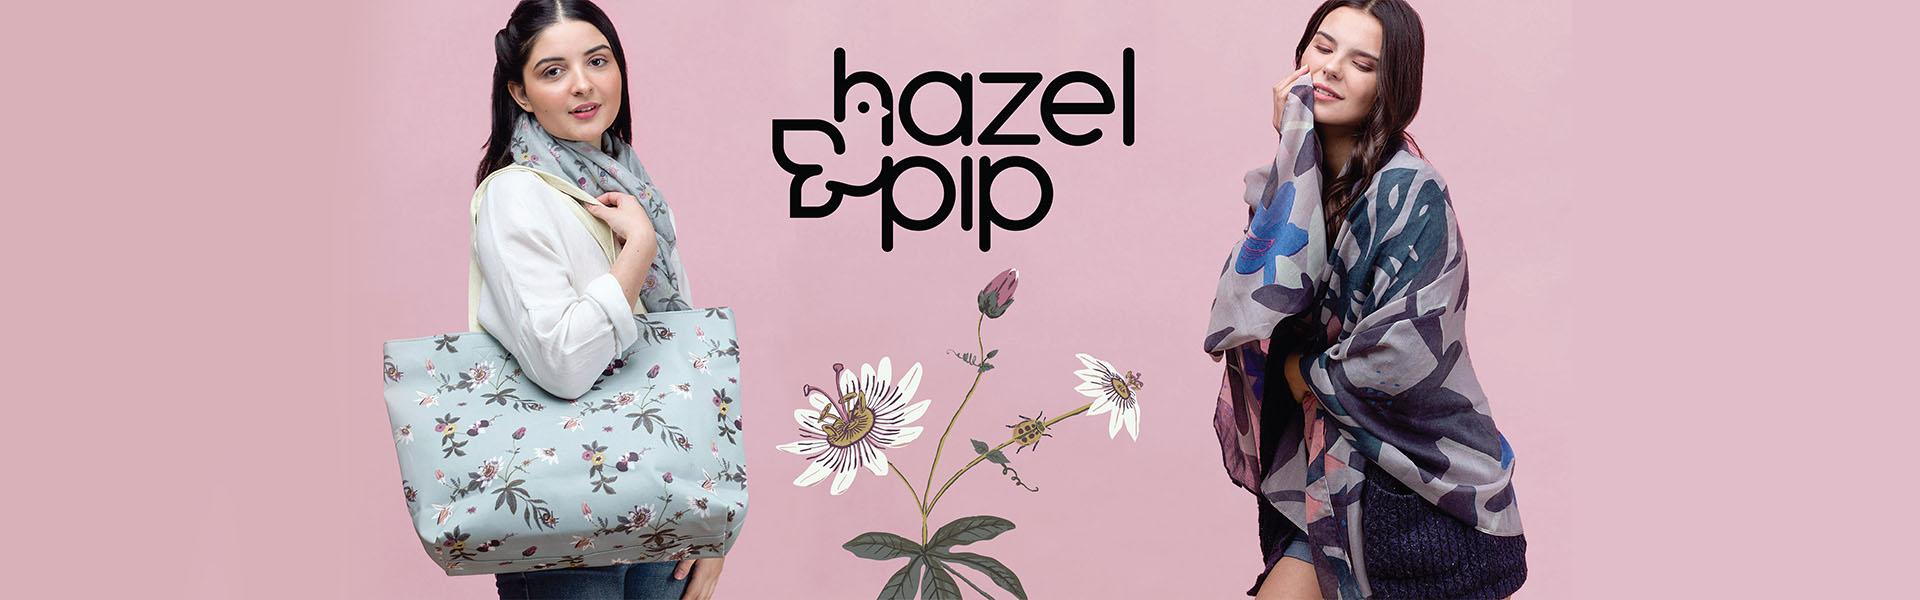 Hazel & Pip